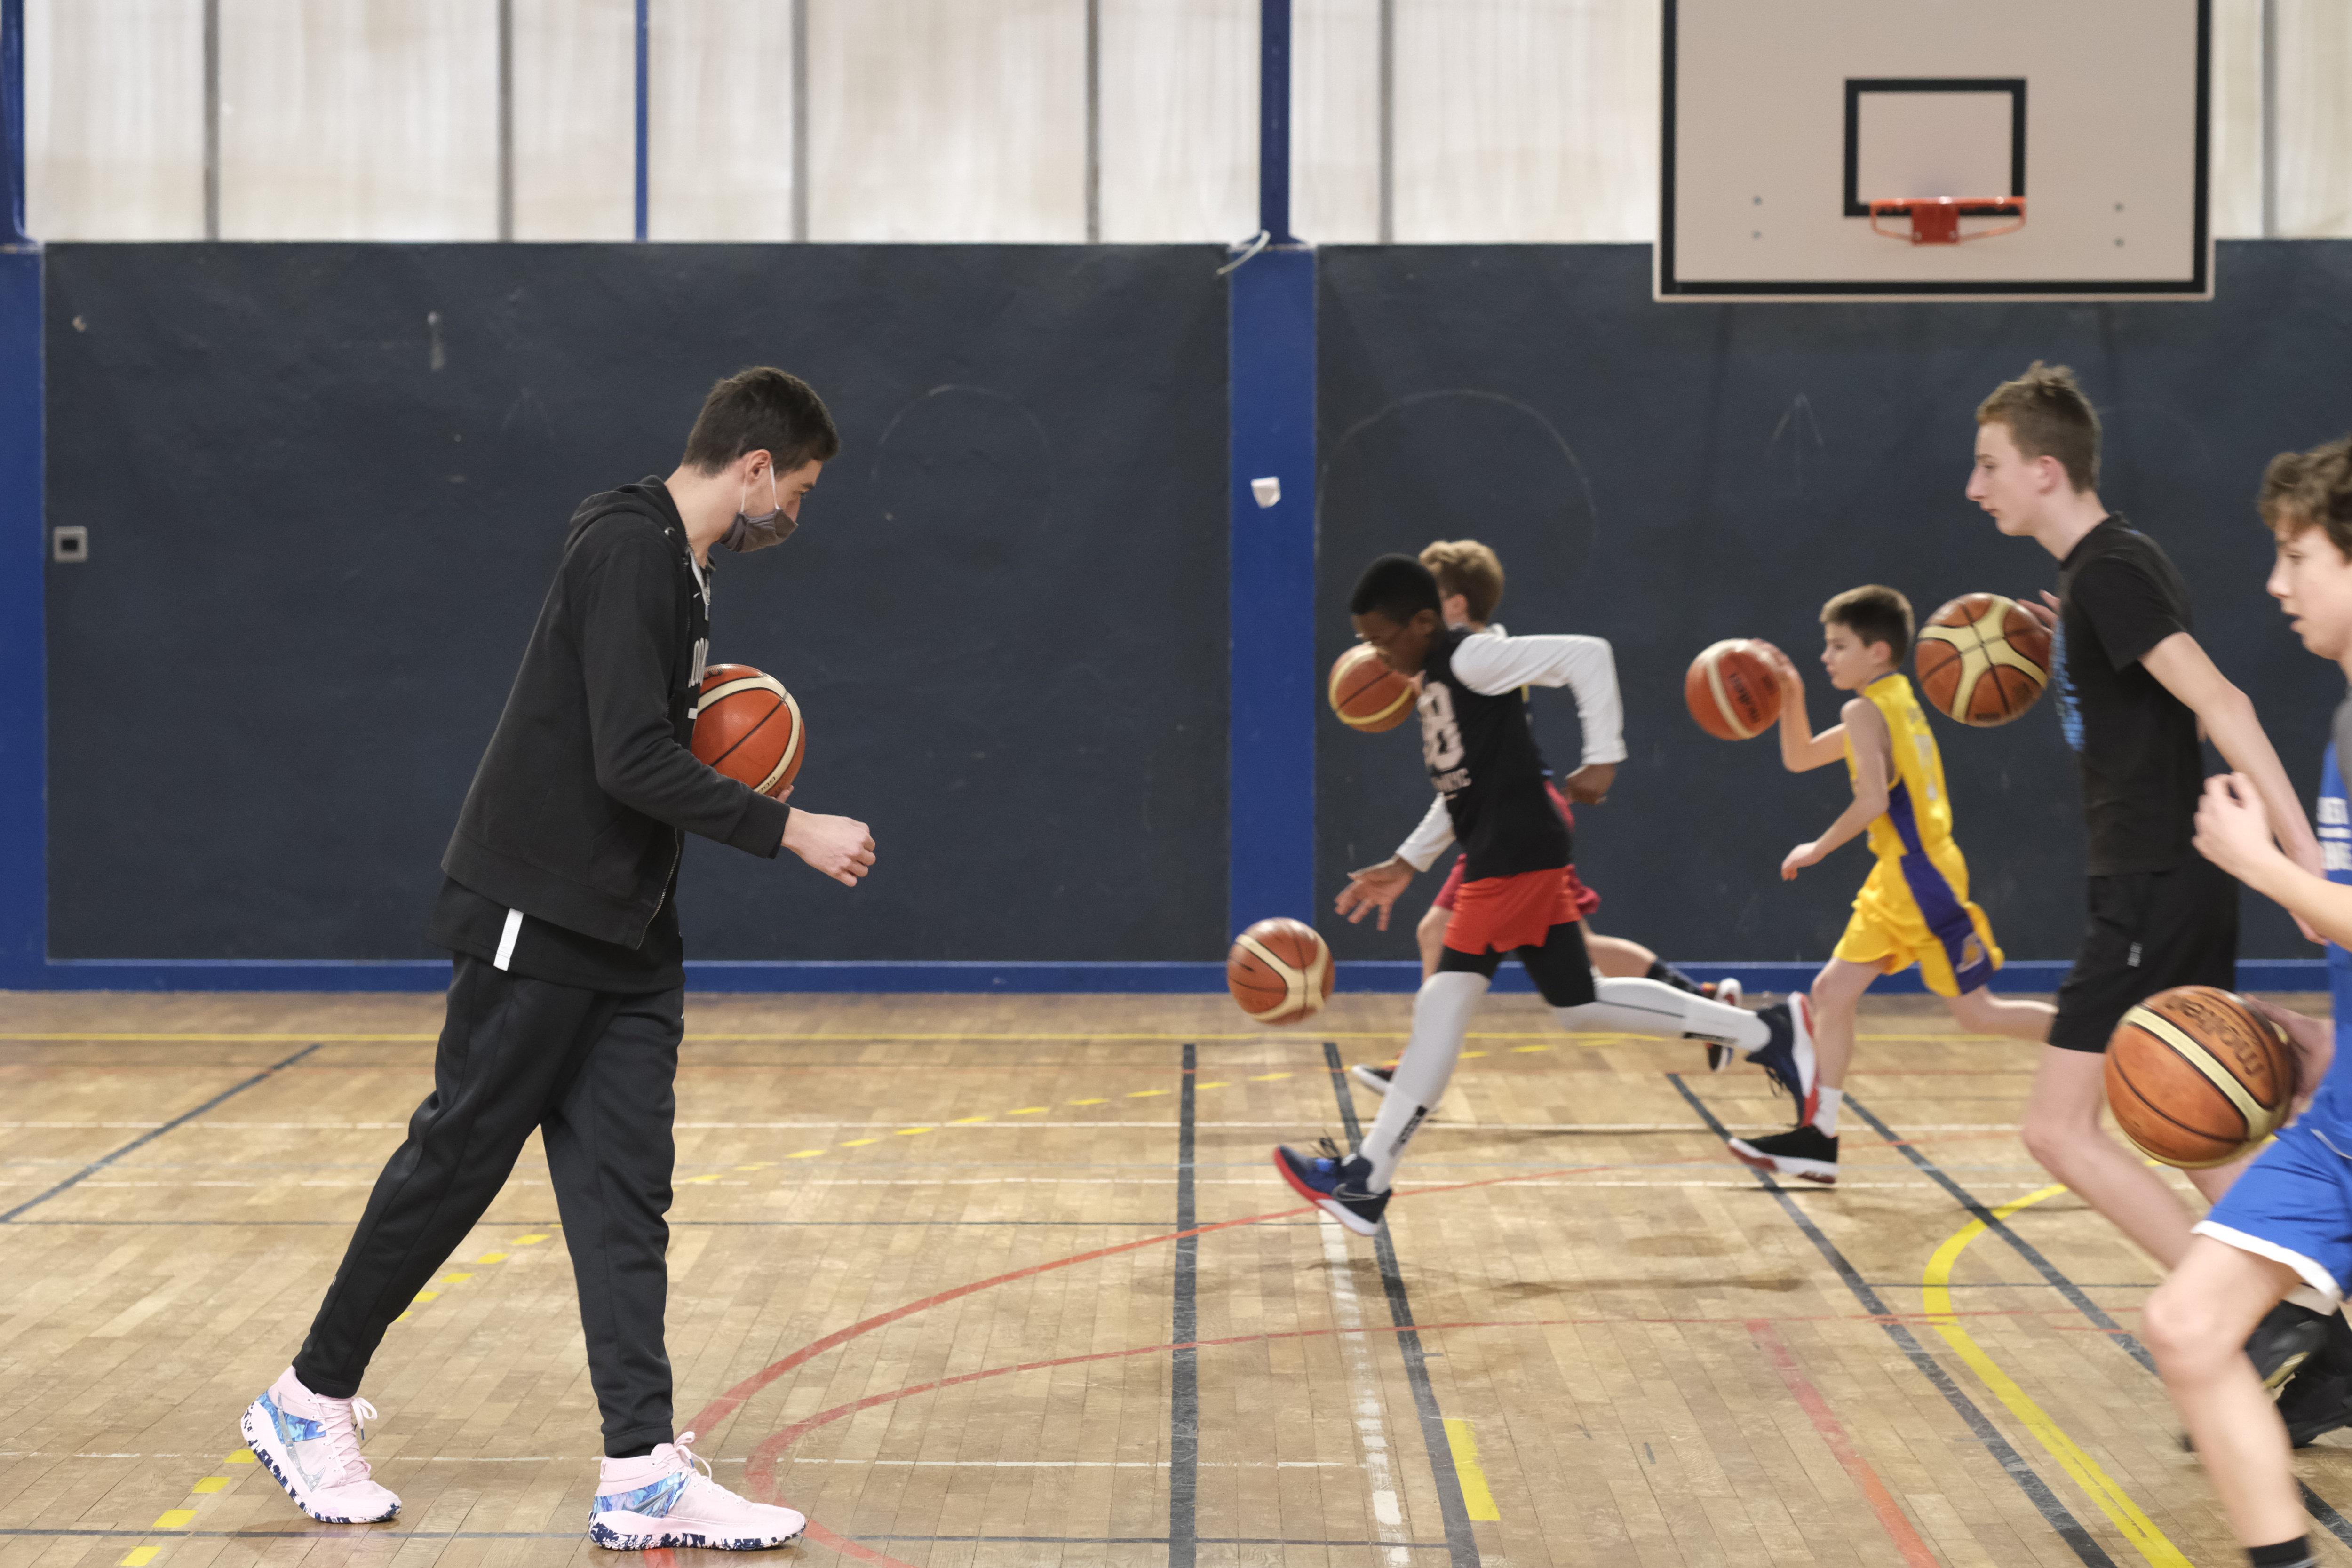 Déconfinement : quelle reprise du sport pour les enfants et les adultes à partir du 19 mai ?